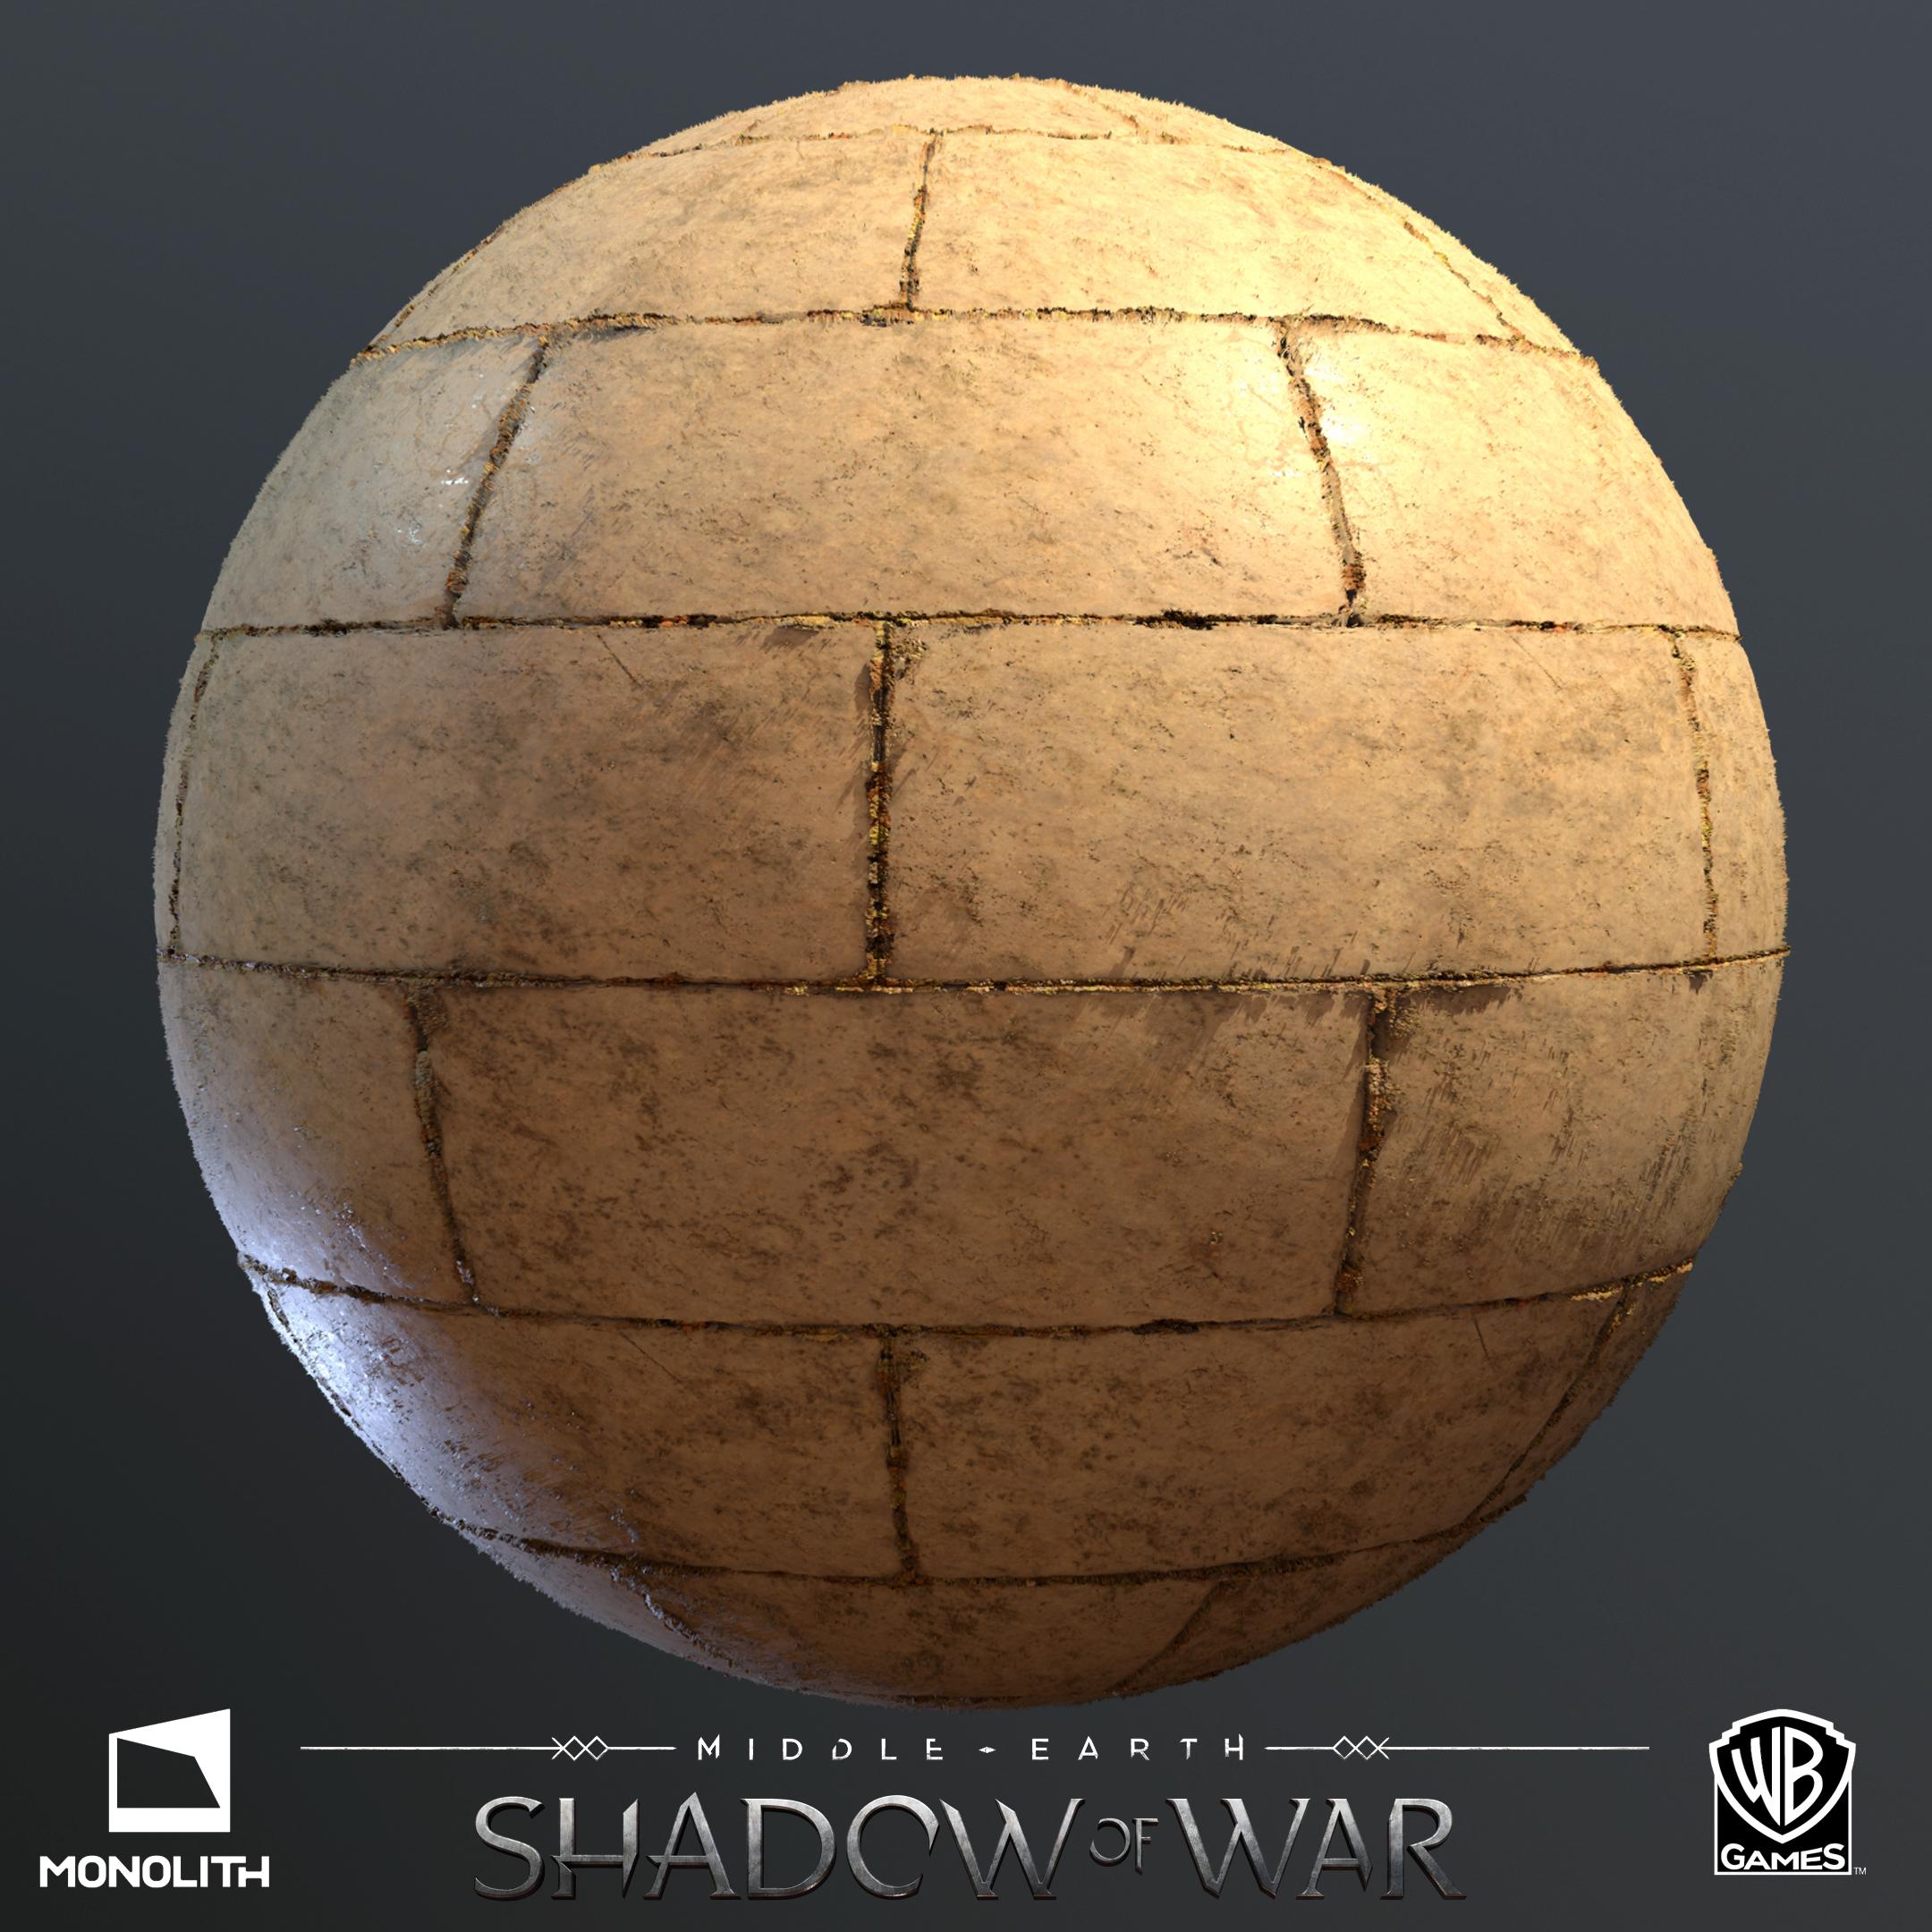 2Stone_Sphere